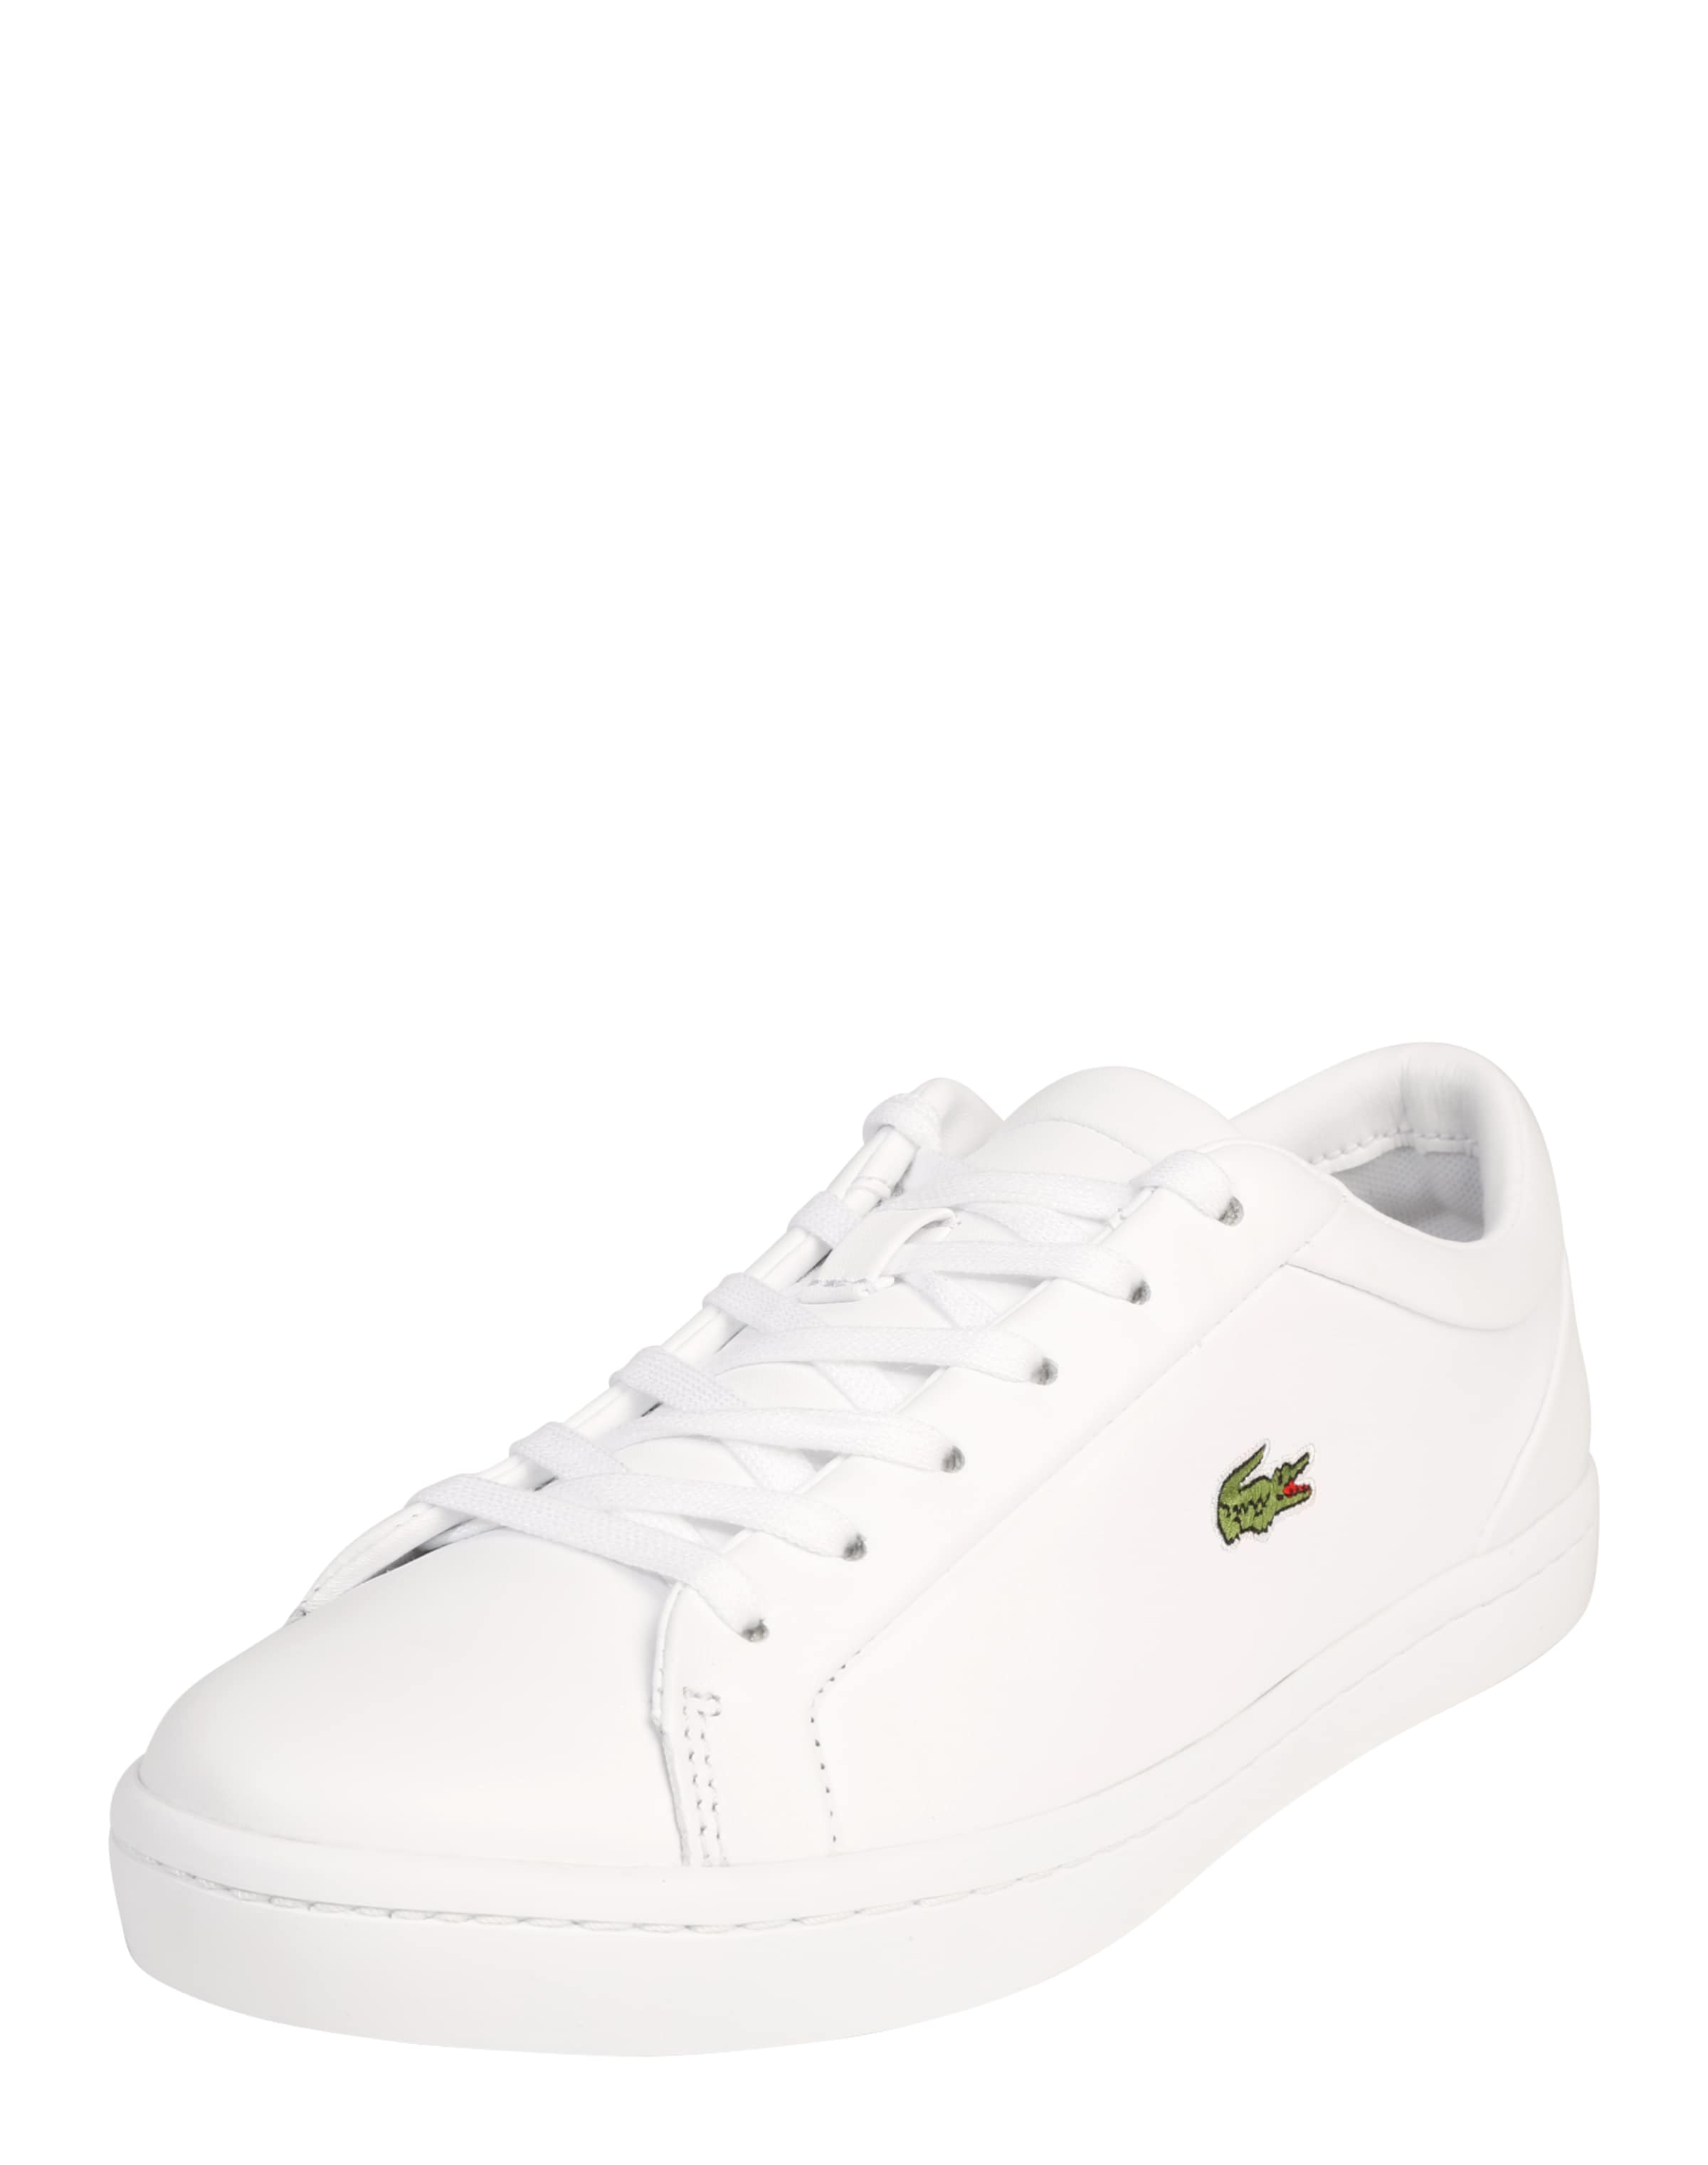 LACOSTE Sneakers mit Logo-Stickerei Günstige und langlebige Schuhe